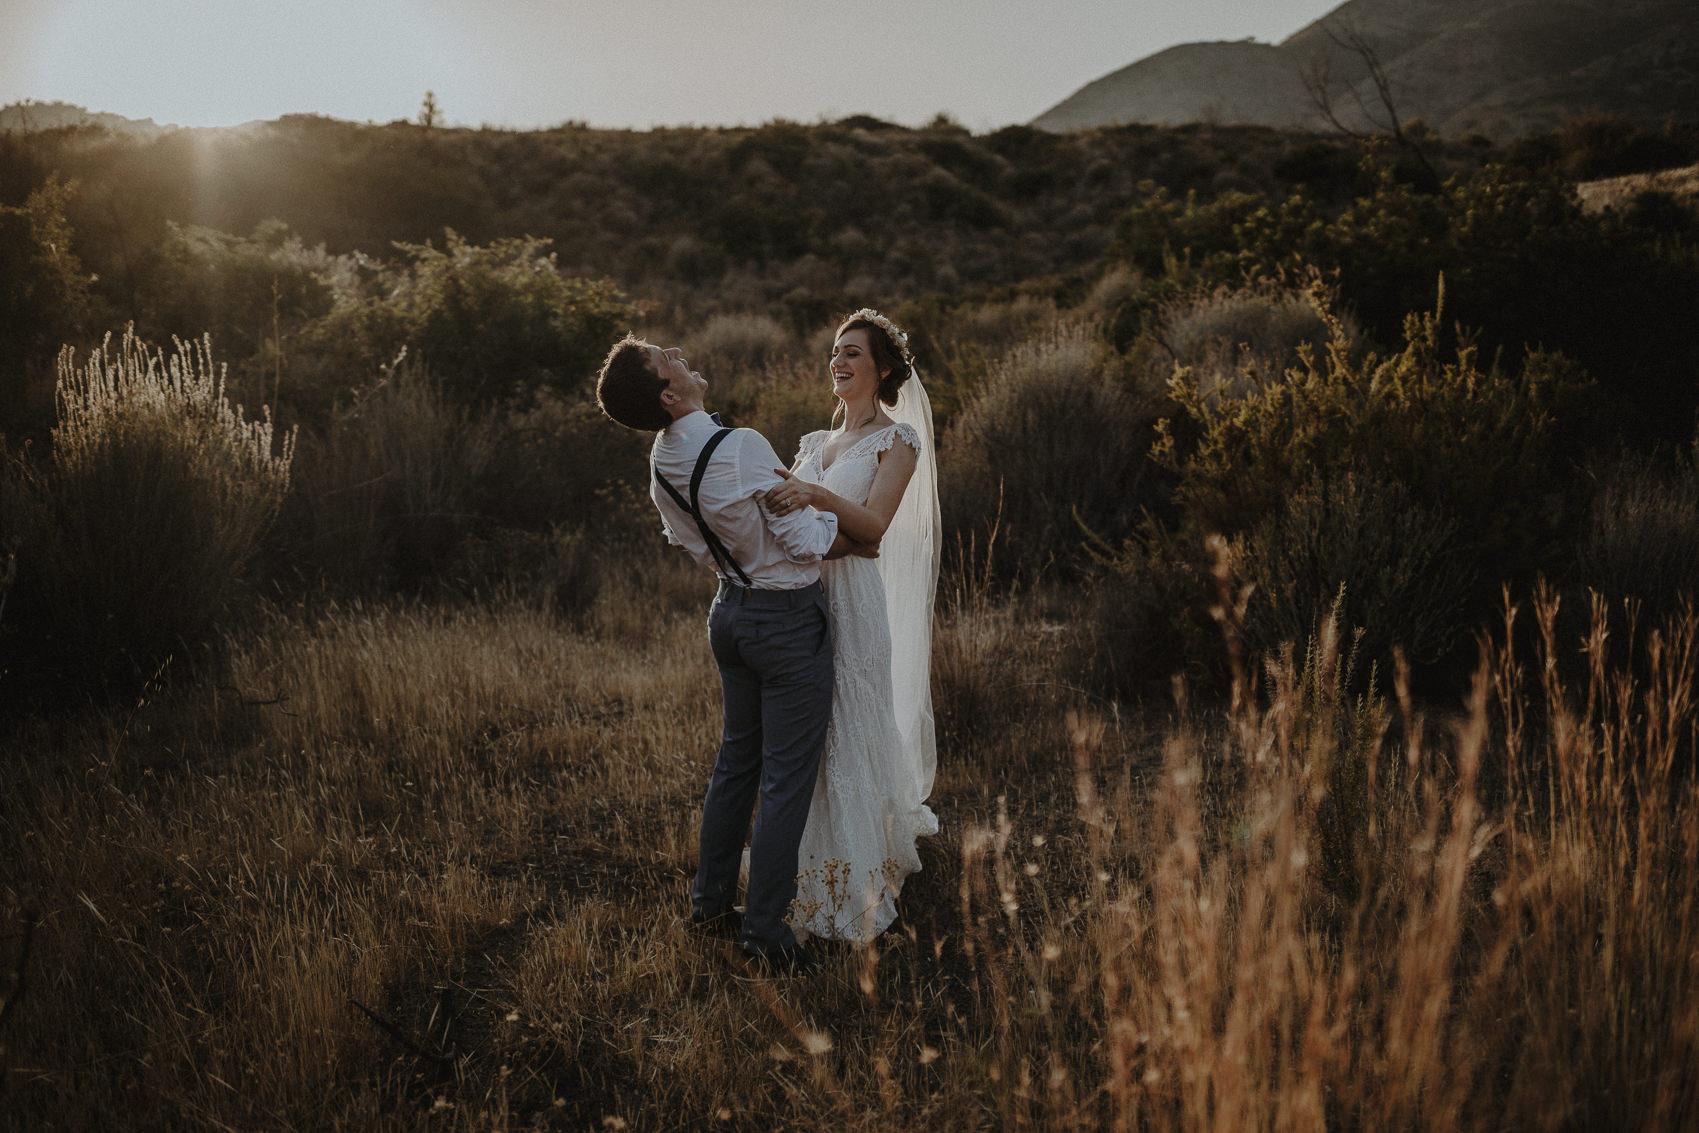 Sarah & Bill | Summer wedding at Cortijo Rosa Blanca | Marbella - Spain 137